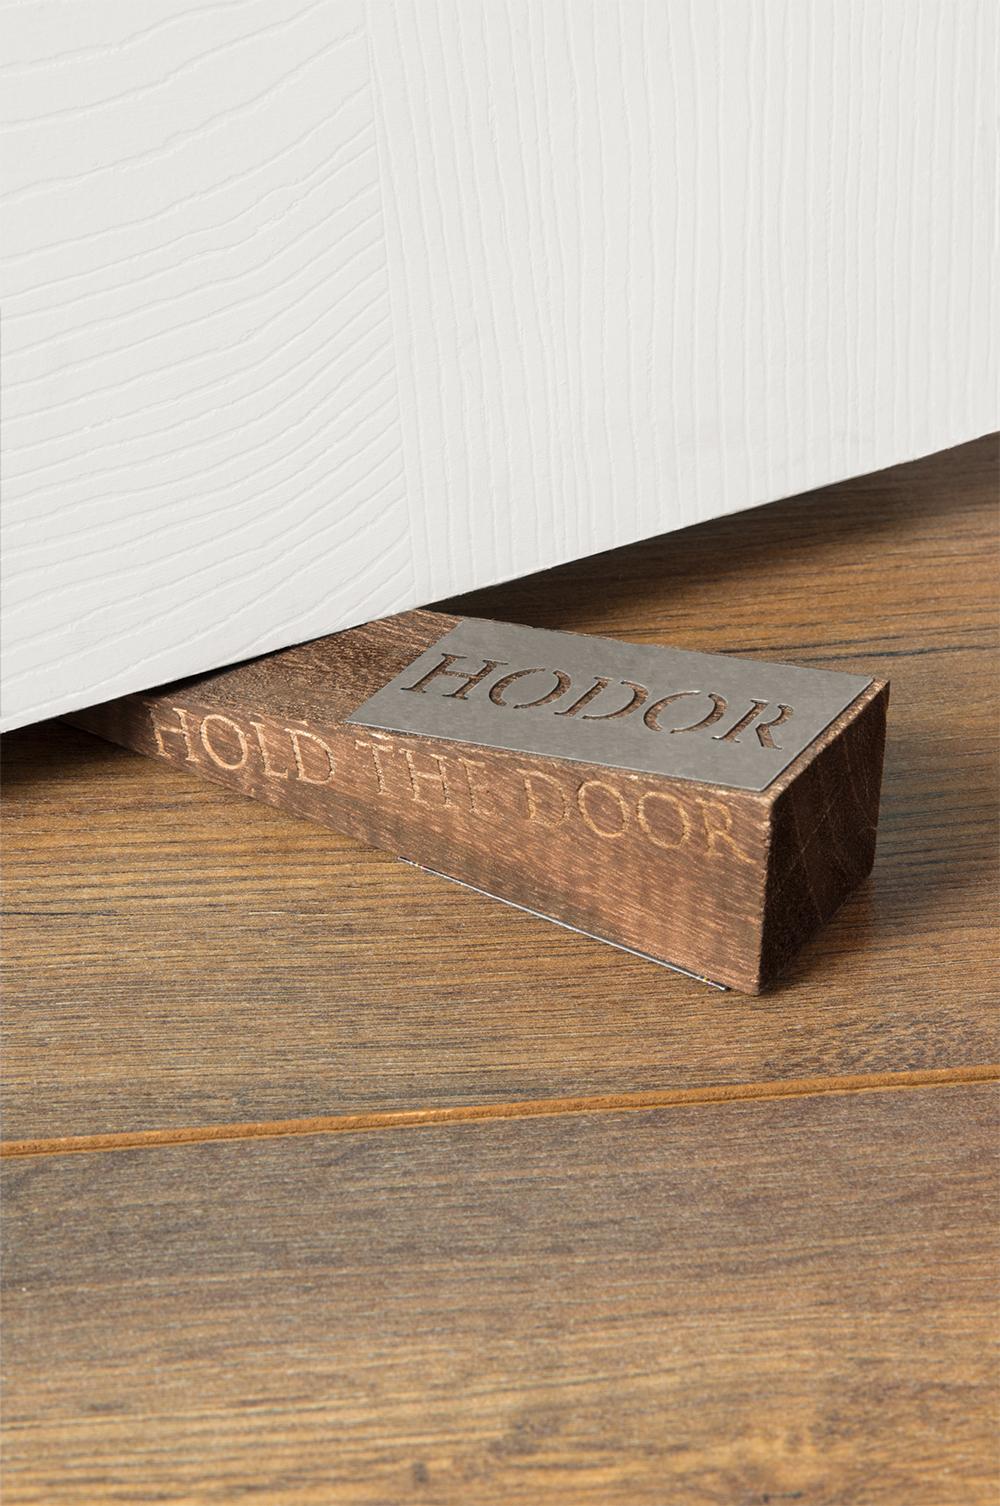 The Hodor doorstop is a snip at £4. Credit: Primark